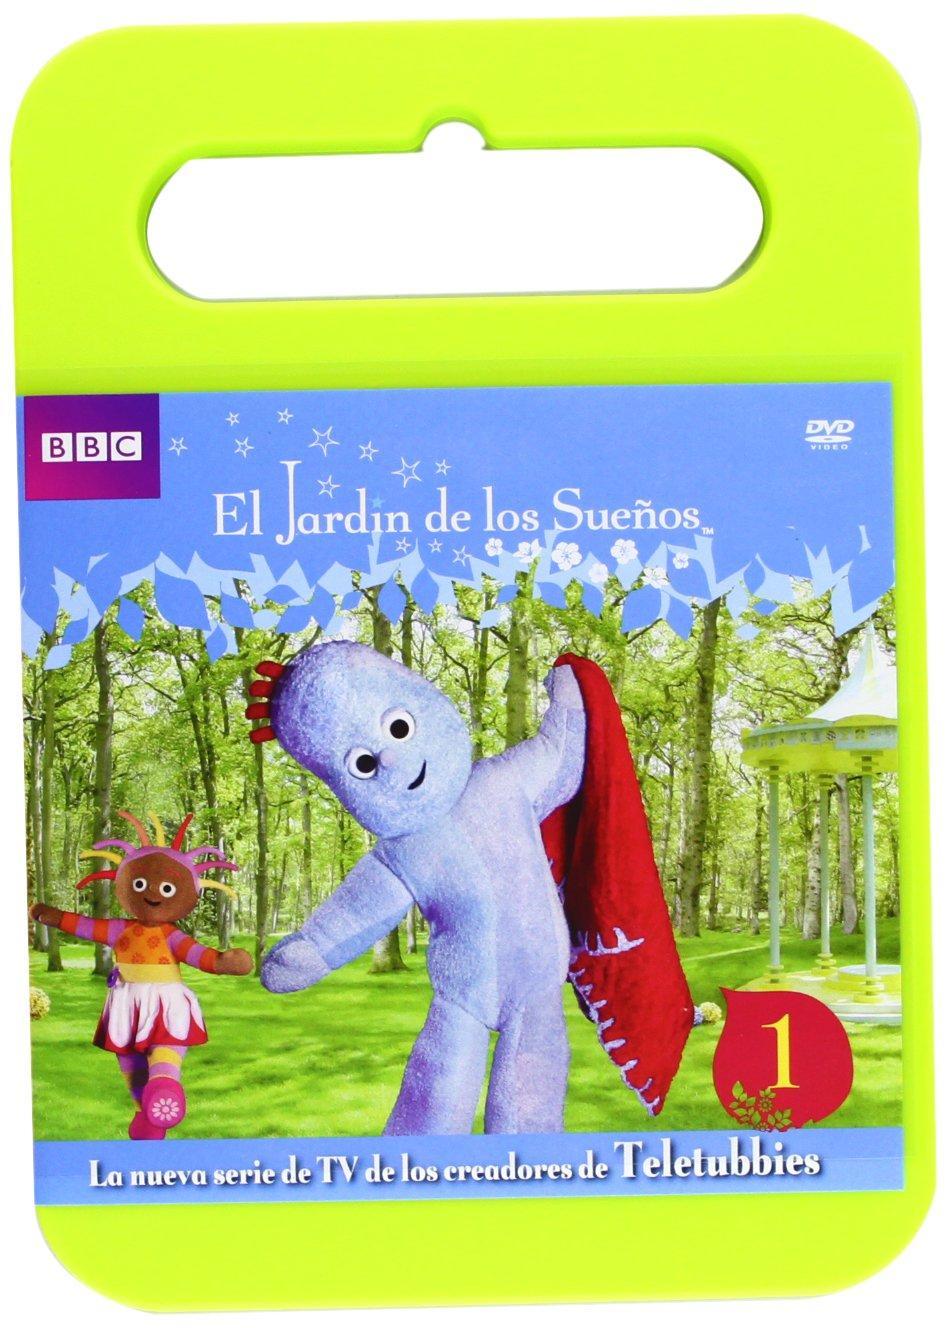 El Jardin De Los Sueños Vol 1 [DVD]: Amazon.es: Personajes animados, Alex Kirby, Dirk Campbell, Personajes animados: Cine y Series TV